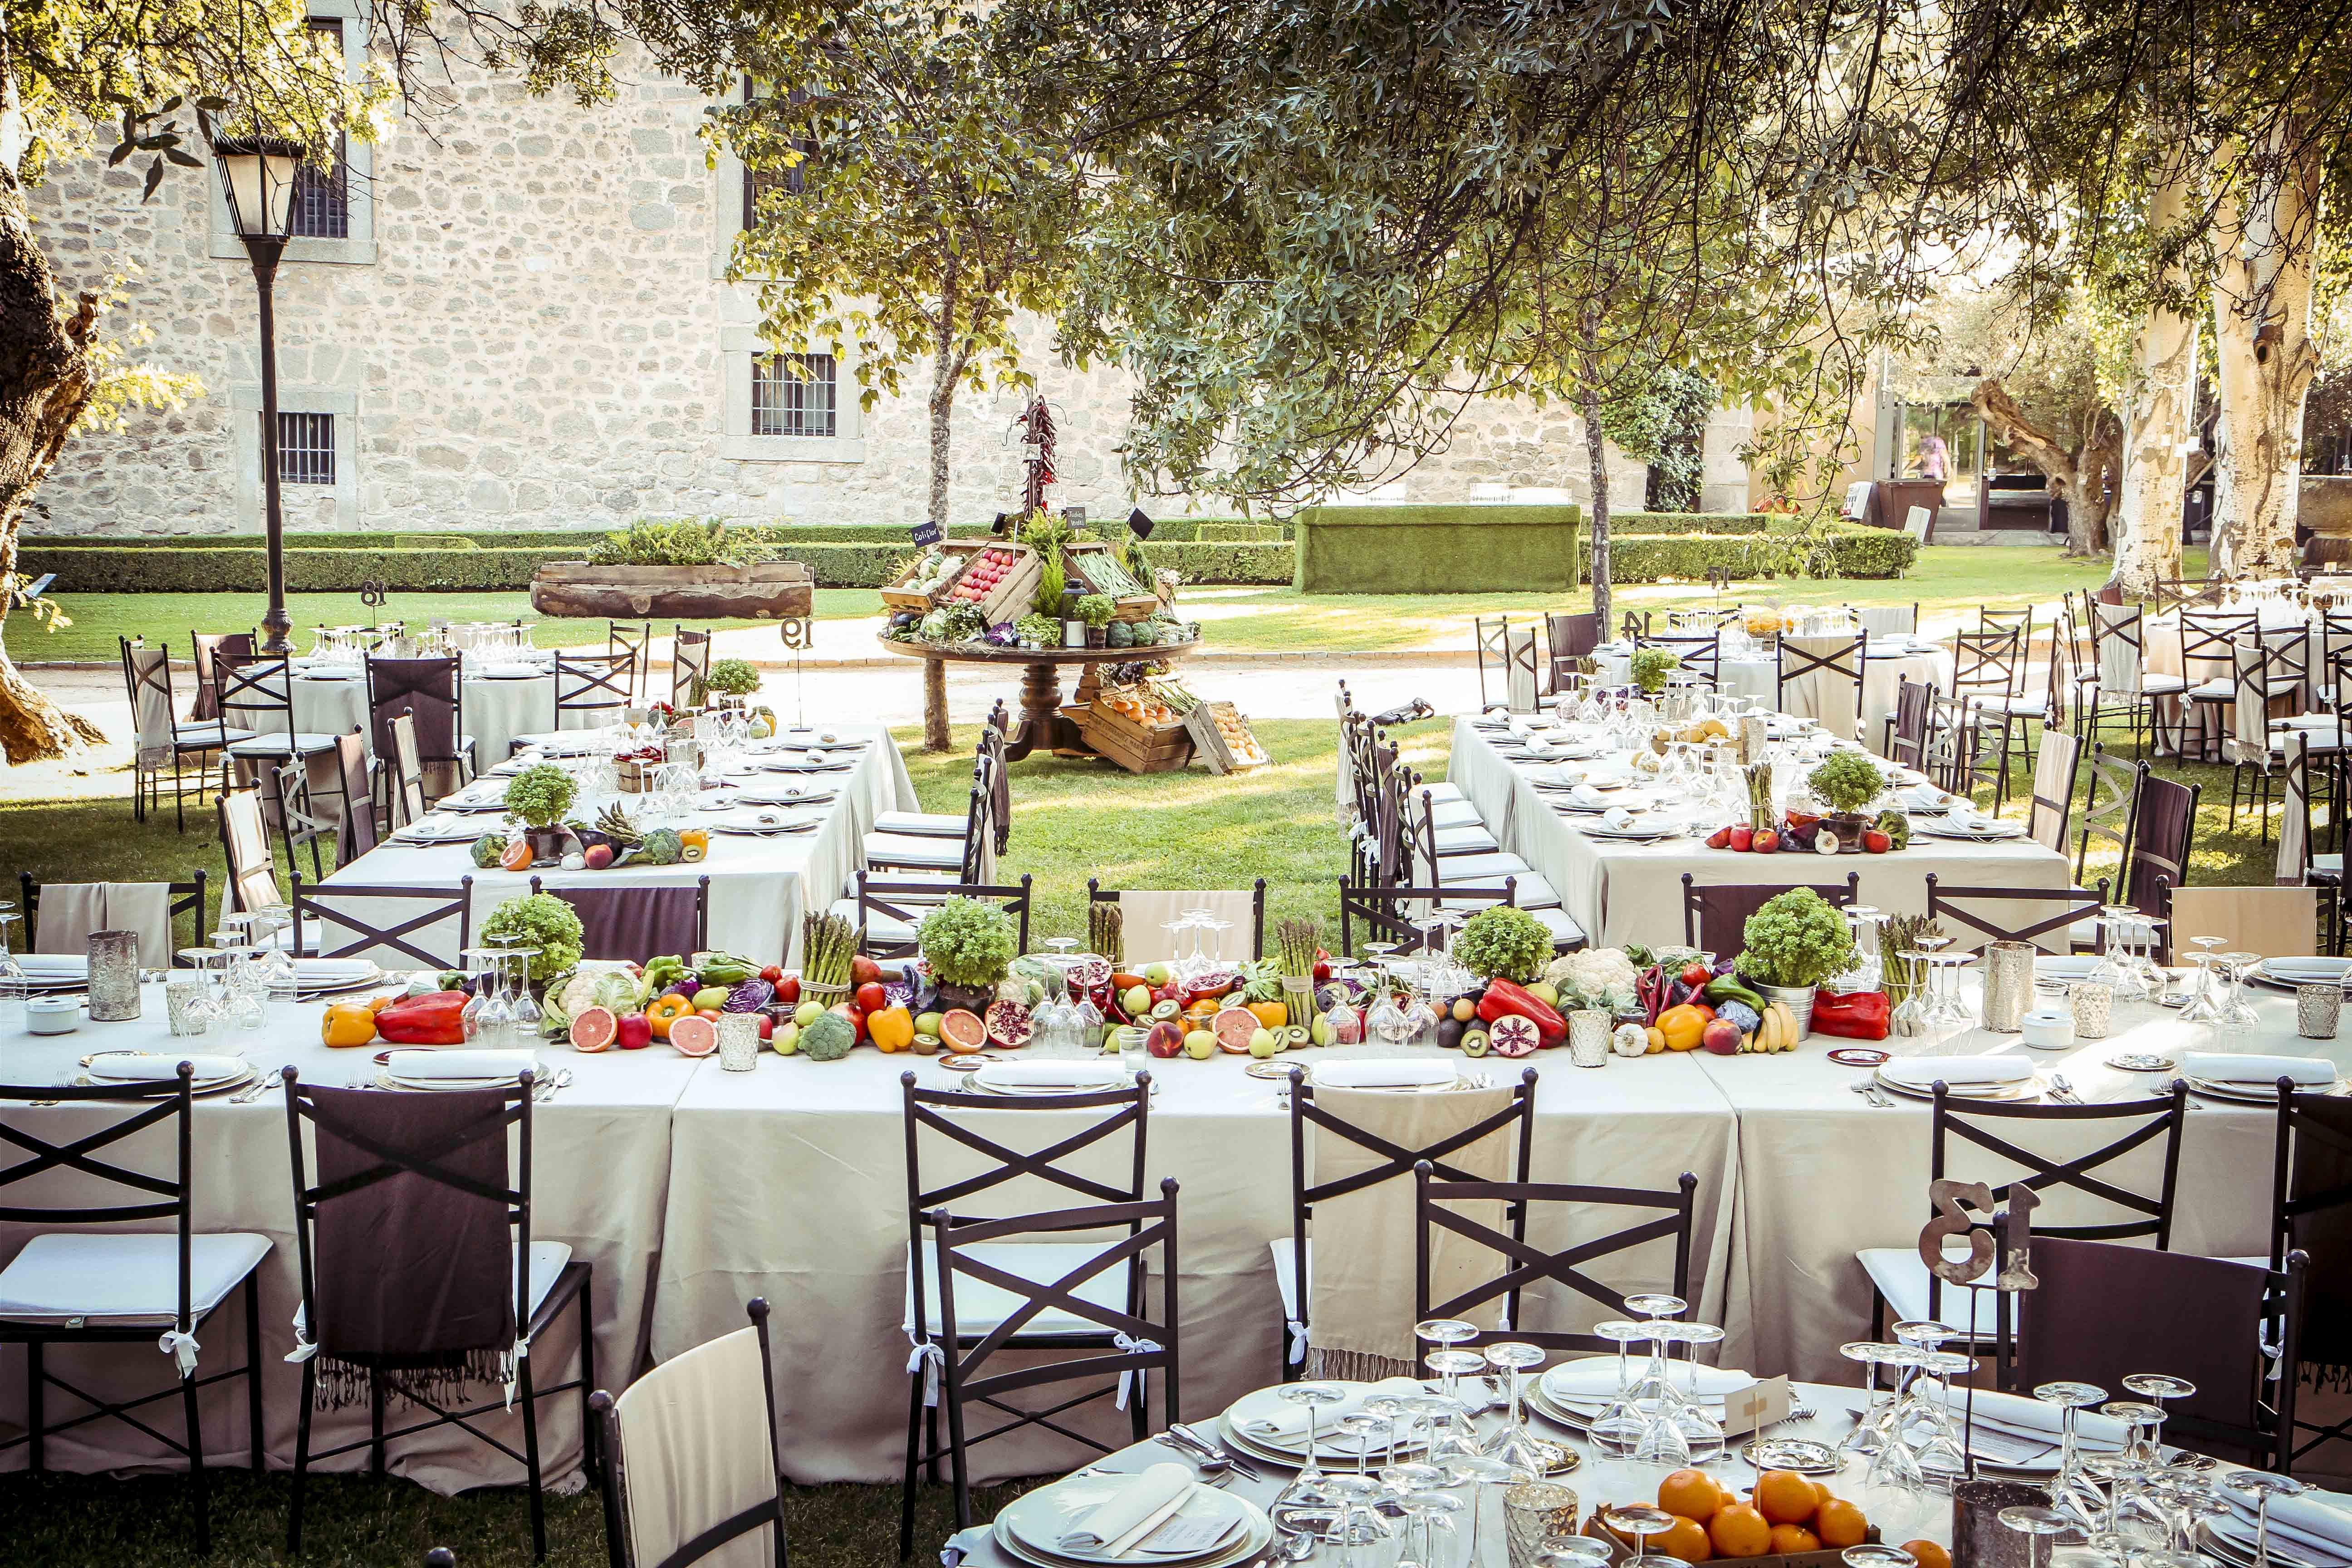 Boda en el jard n con mesas imperiales decorada con frutas y